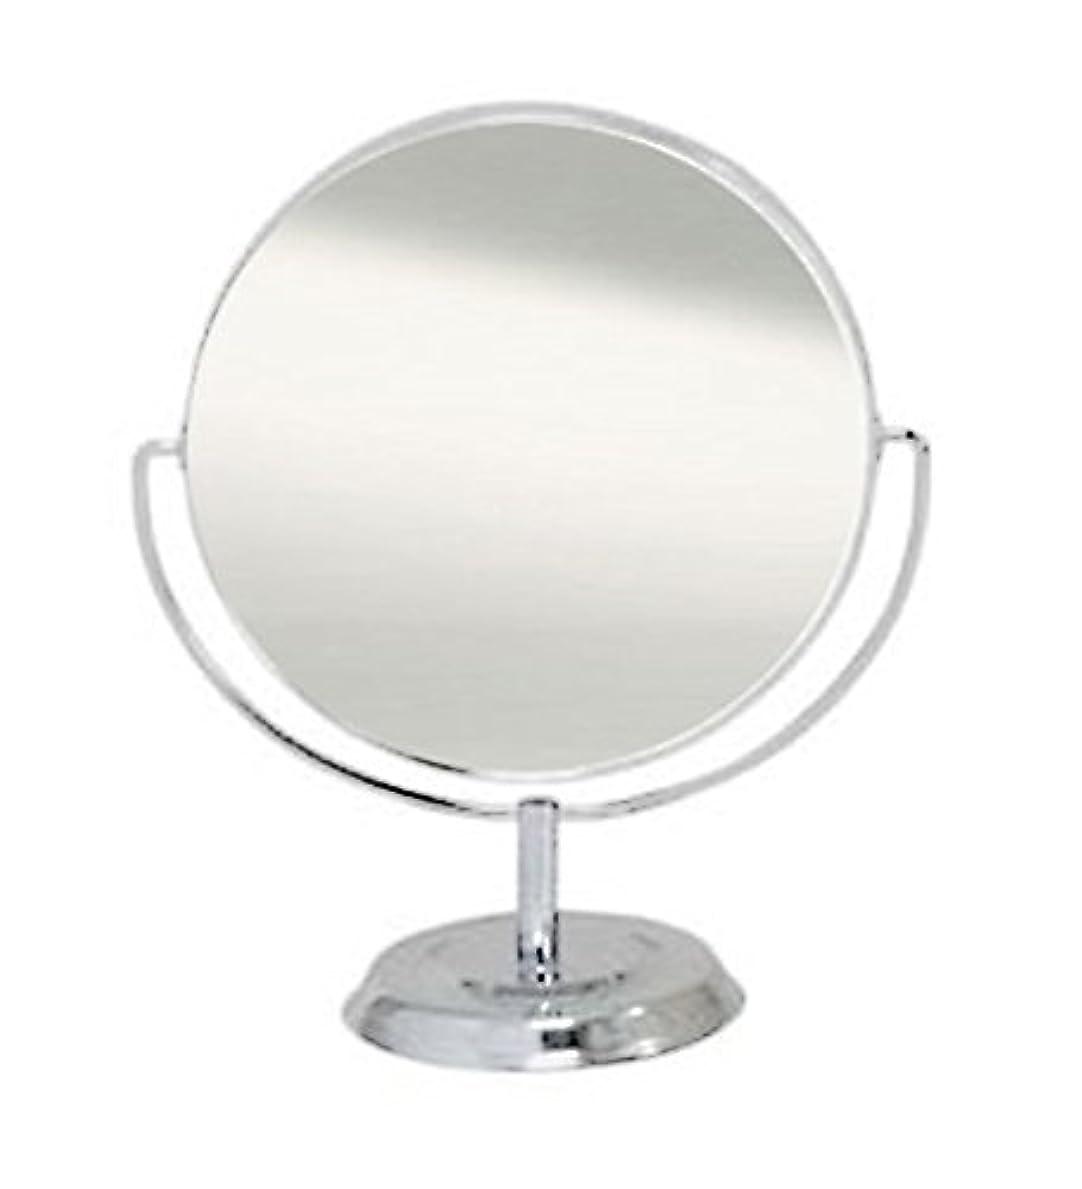 年金受給者最悪に対応鏡 卓上ミラー 丸型 両面 拡大鏡約2倍付 No.5860 シルバー